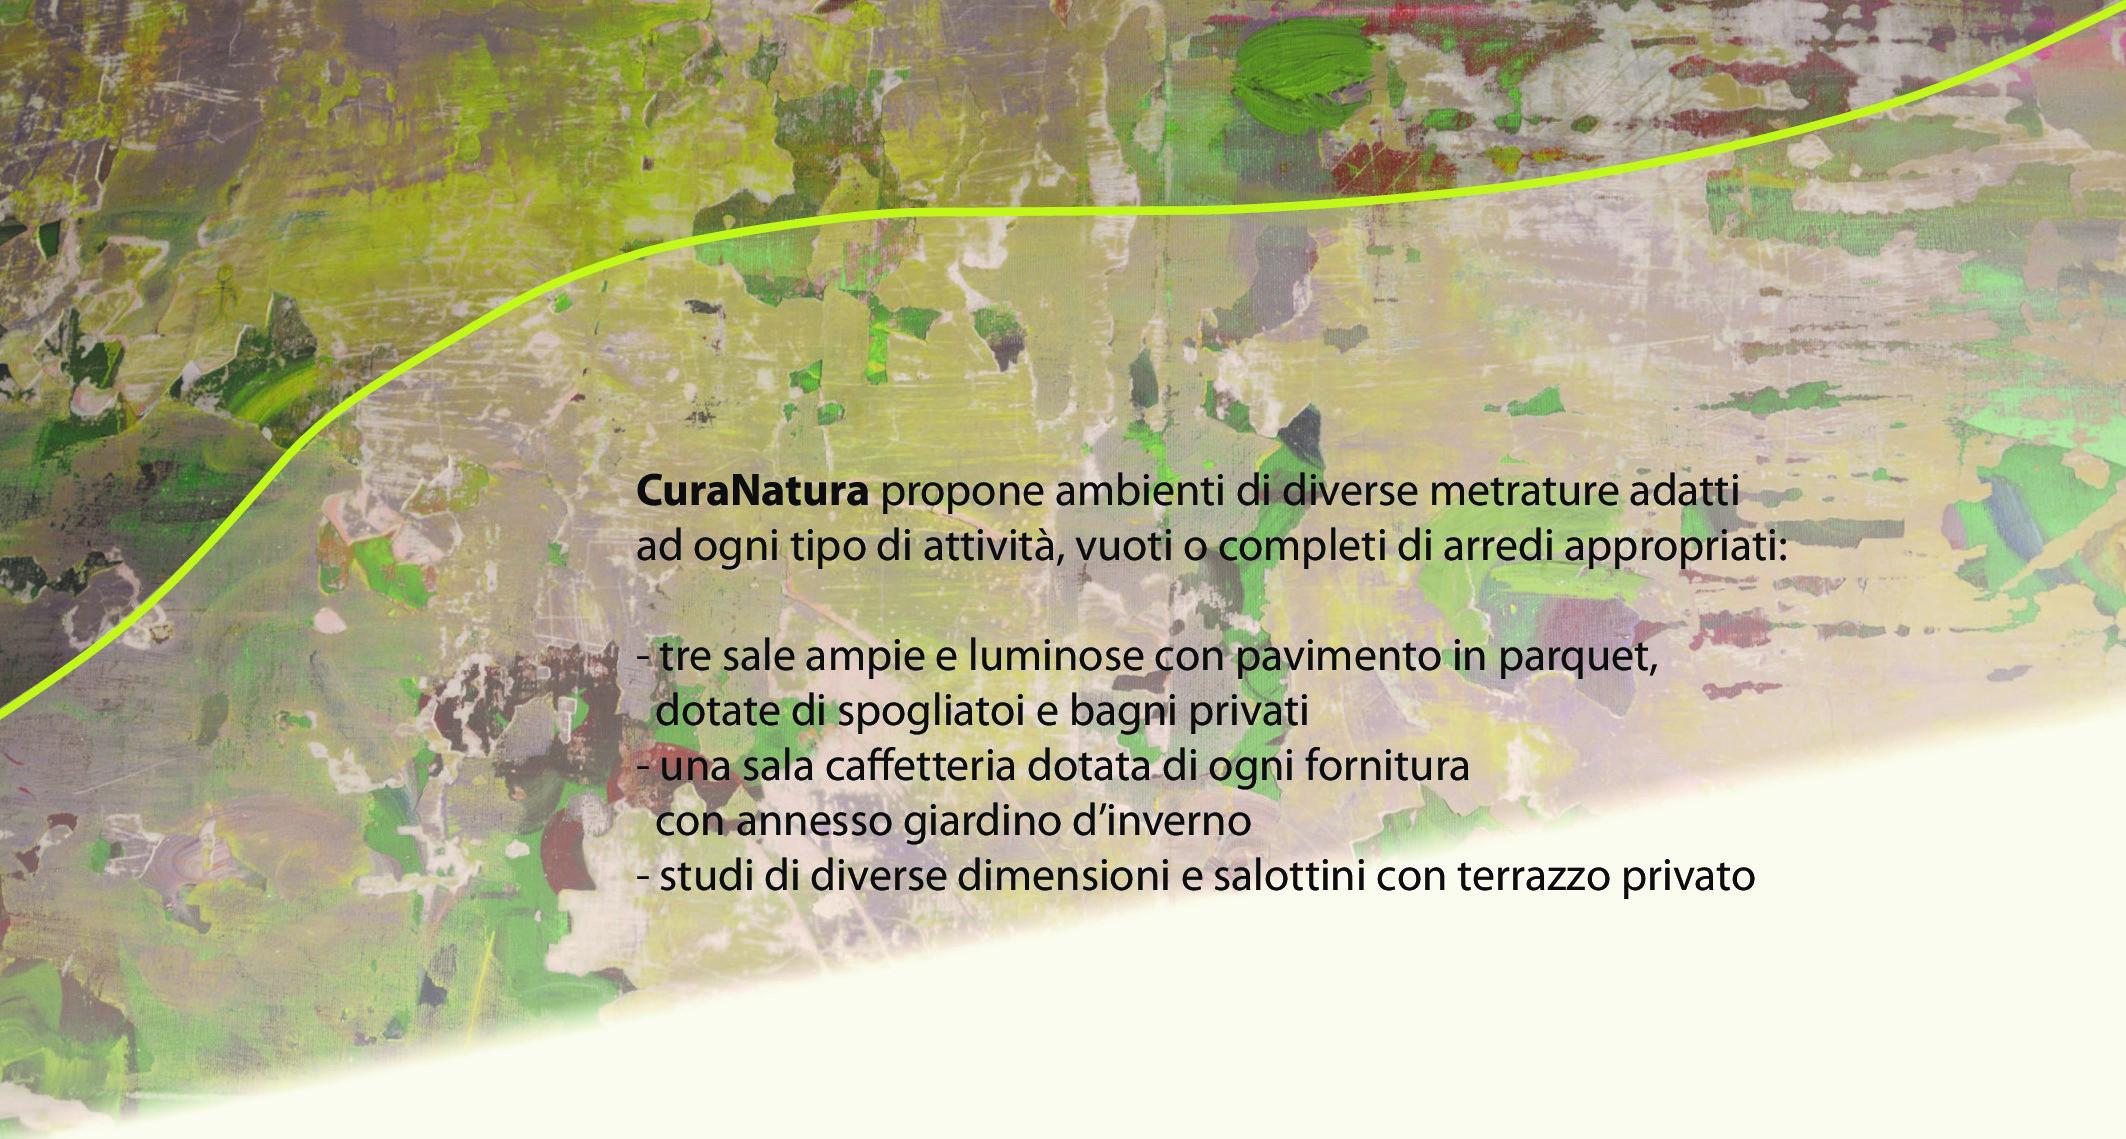 informazioni su CuraNatura